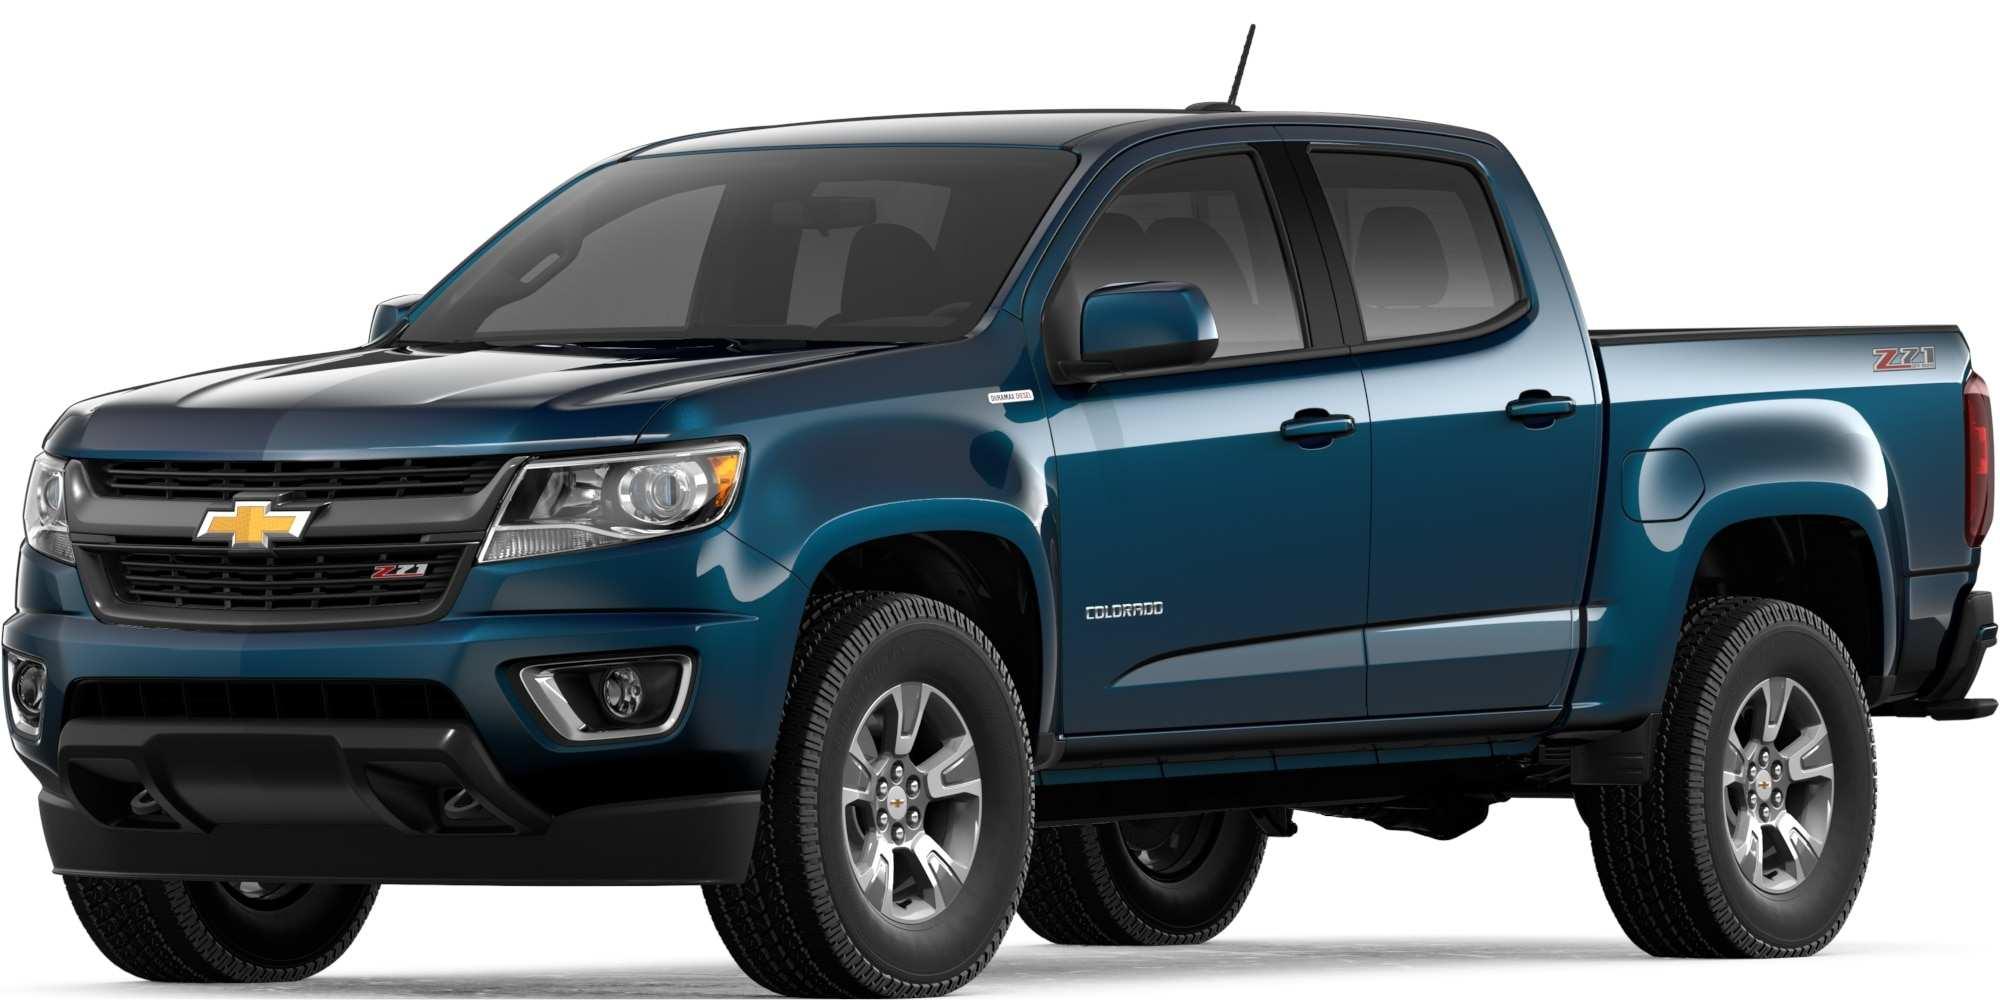 94 Gallery of 2019 Chevrolet Colorado Research New with 2019 Chevrolet Colorado